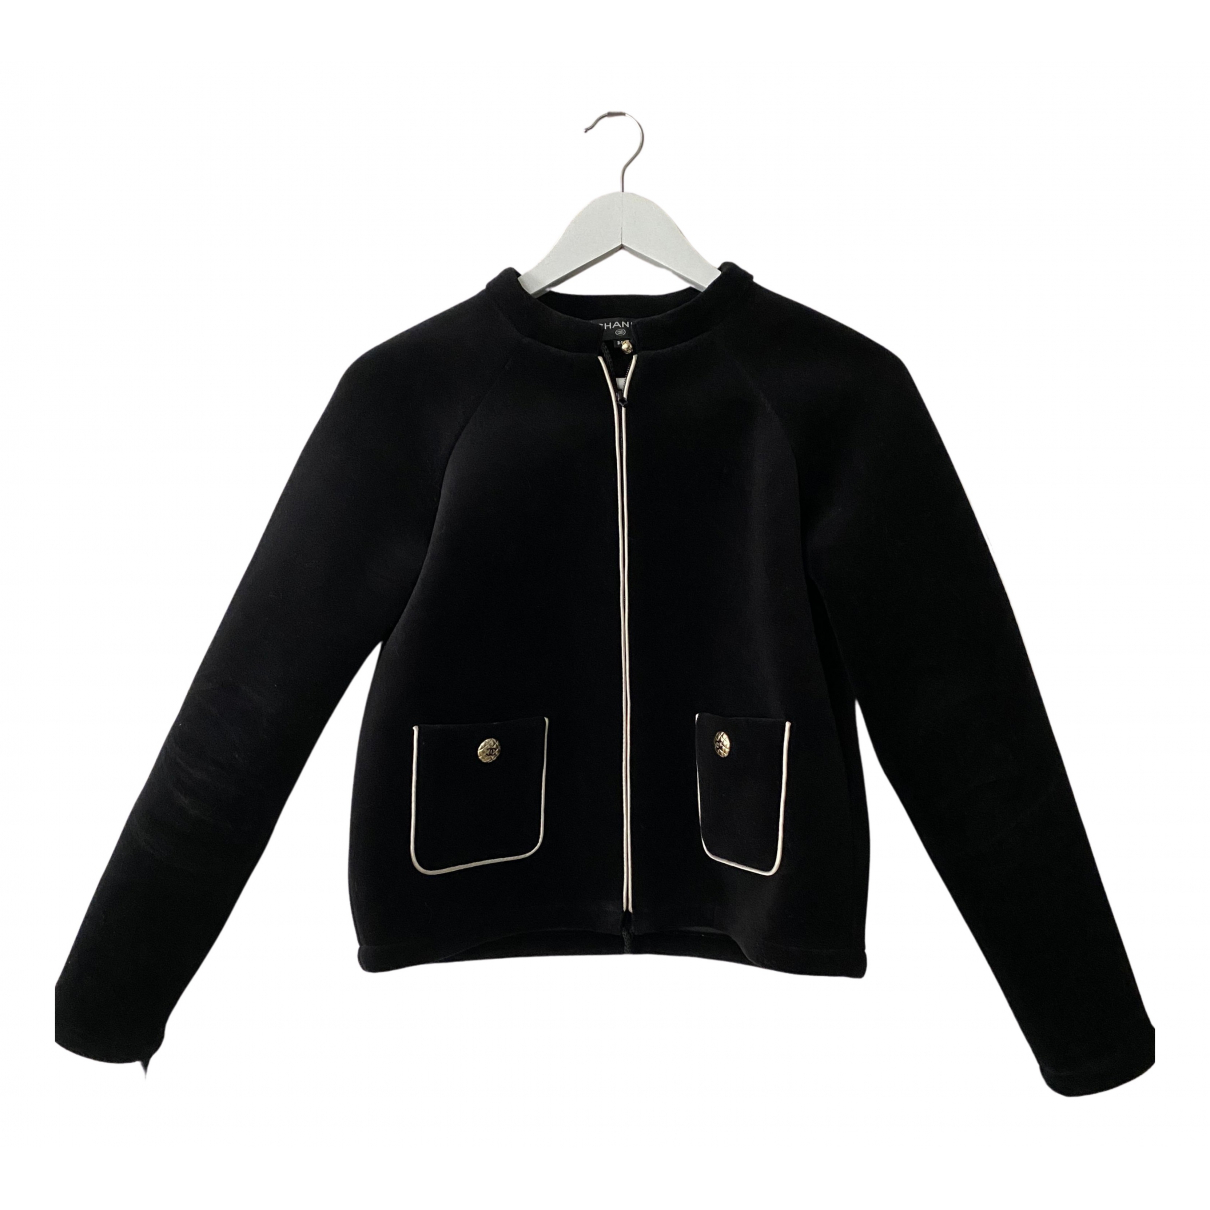 Chanel - Blouson   pour femme en coton - noir